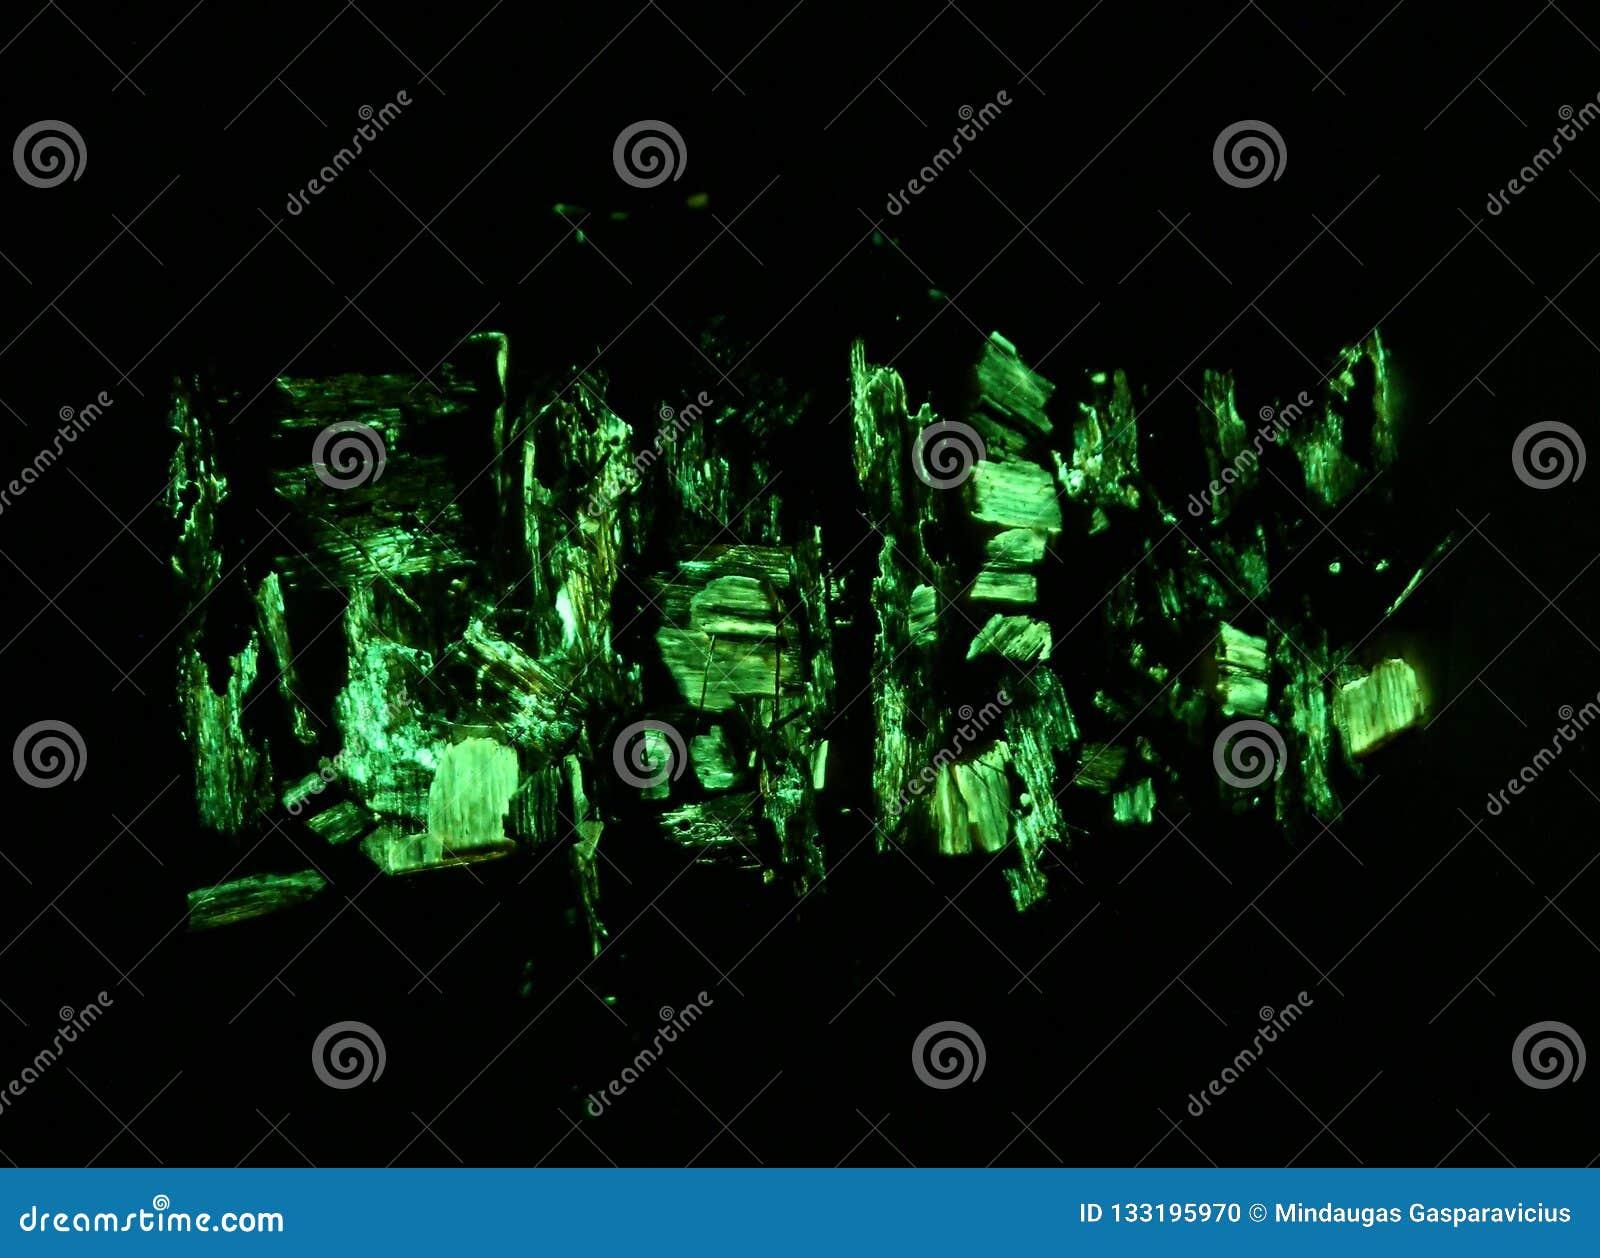 生物发光mycena绿色焕发